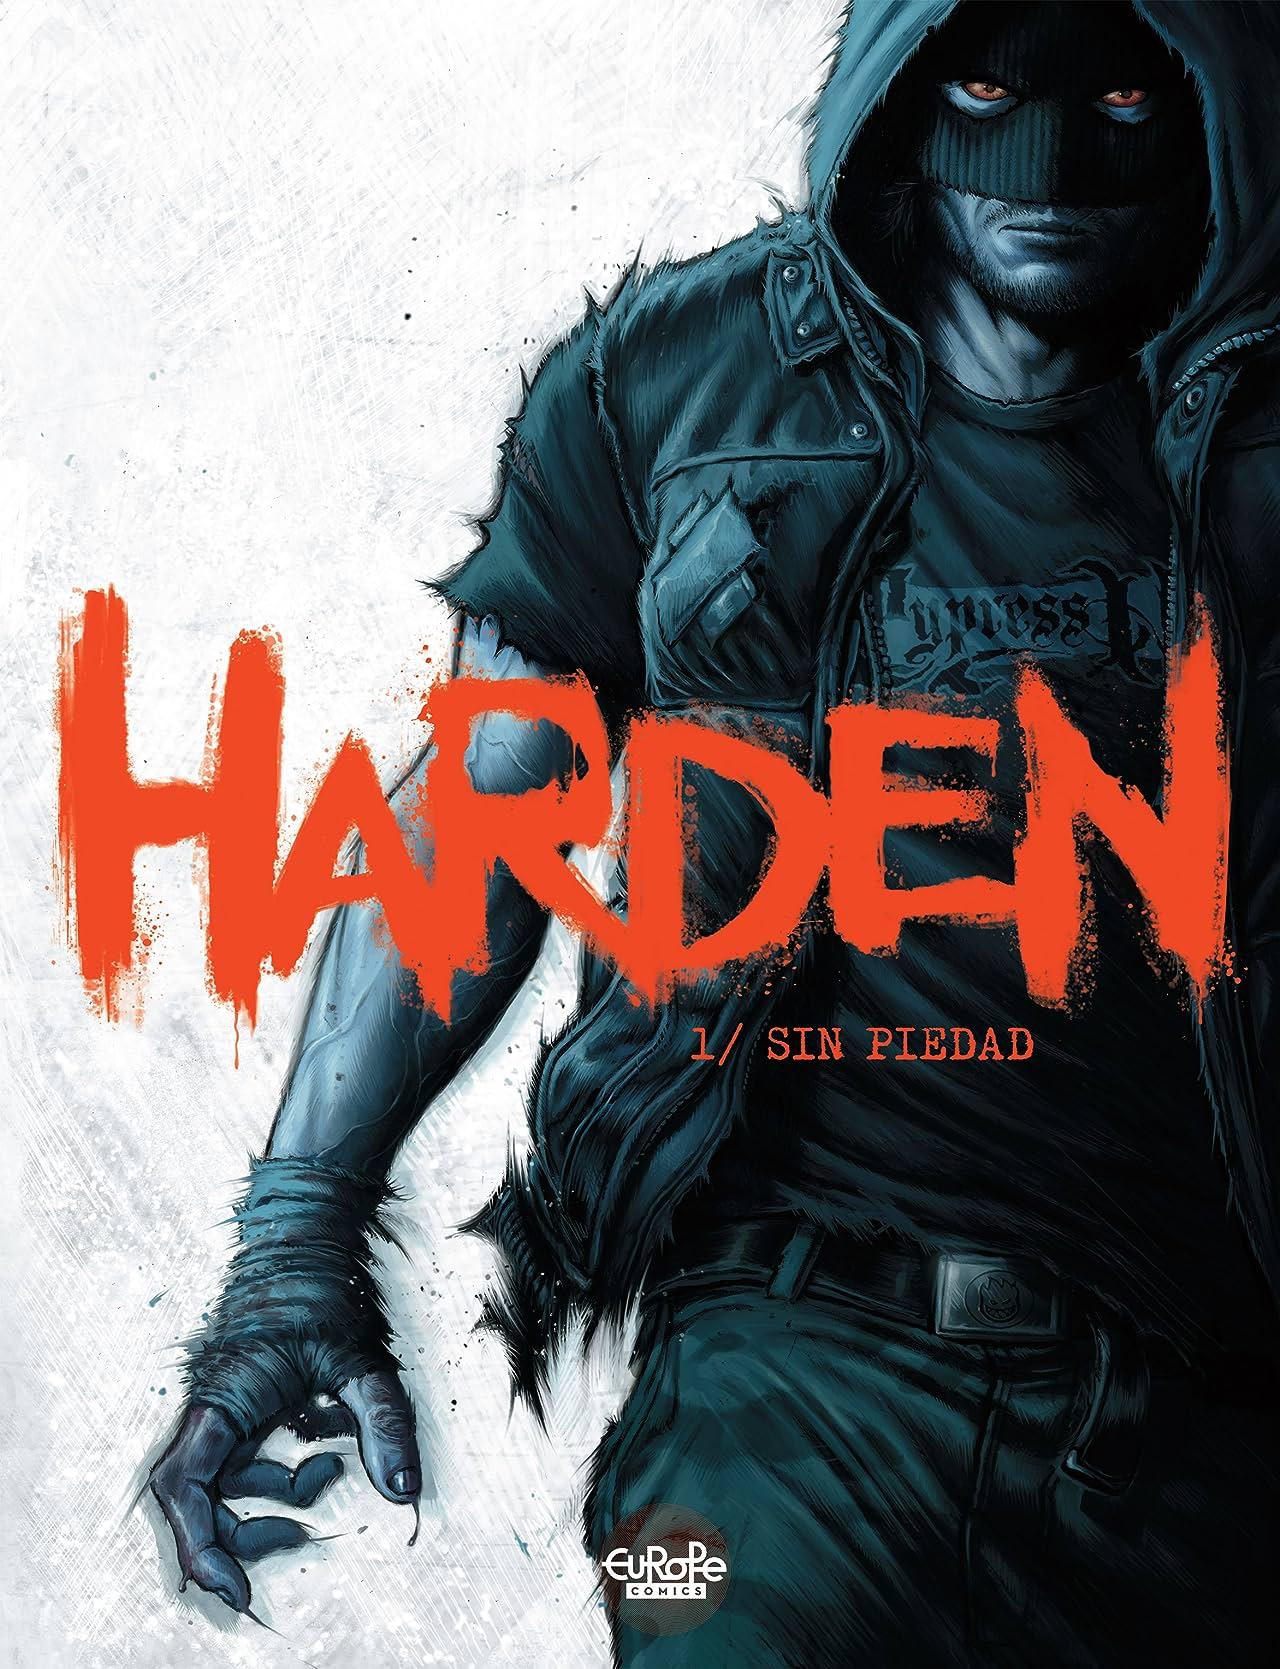 Harden Vol. 1: Sin piedad